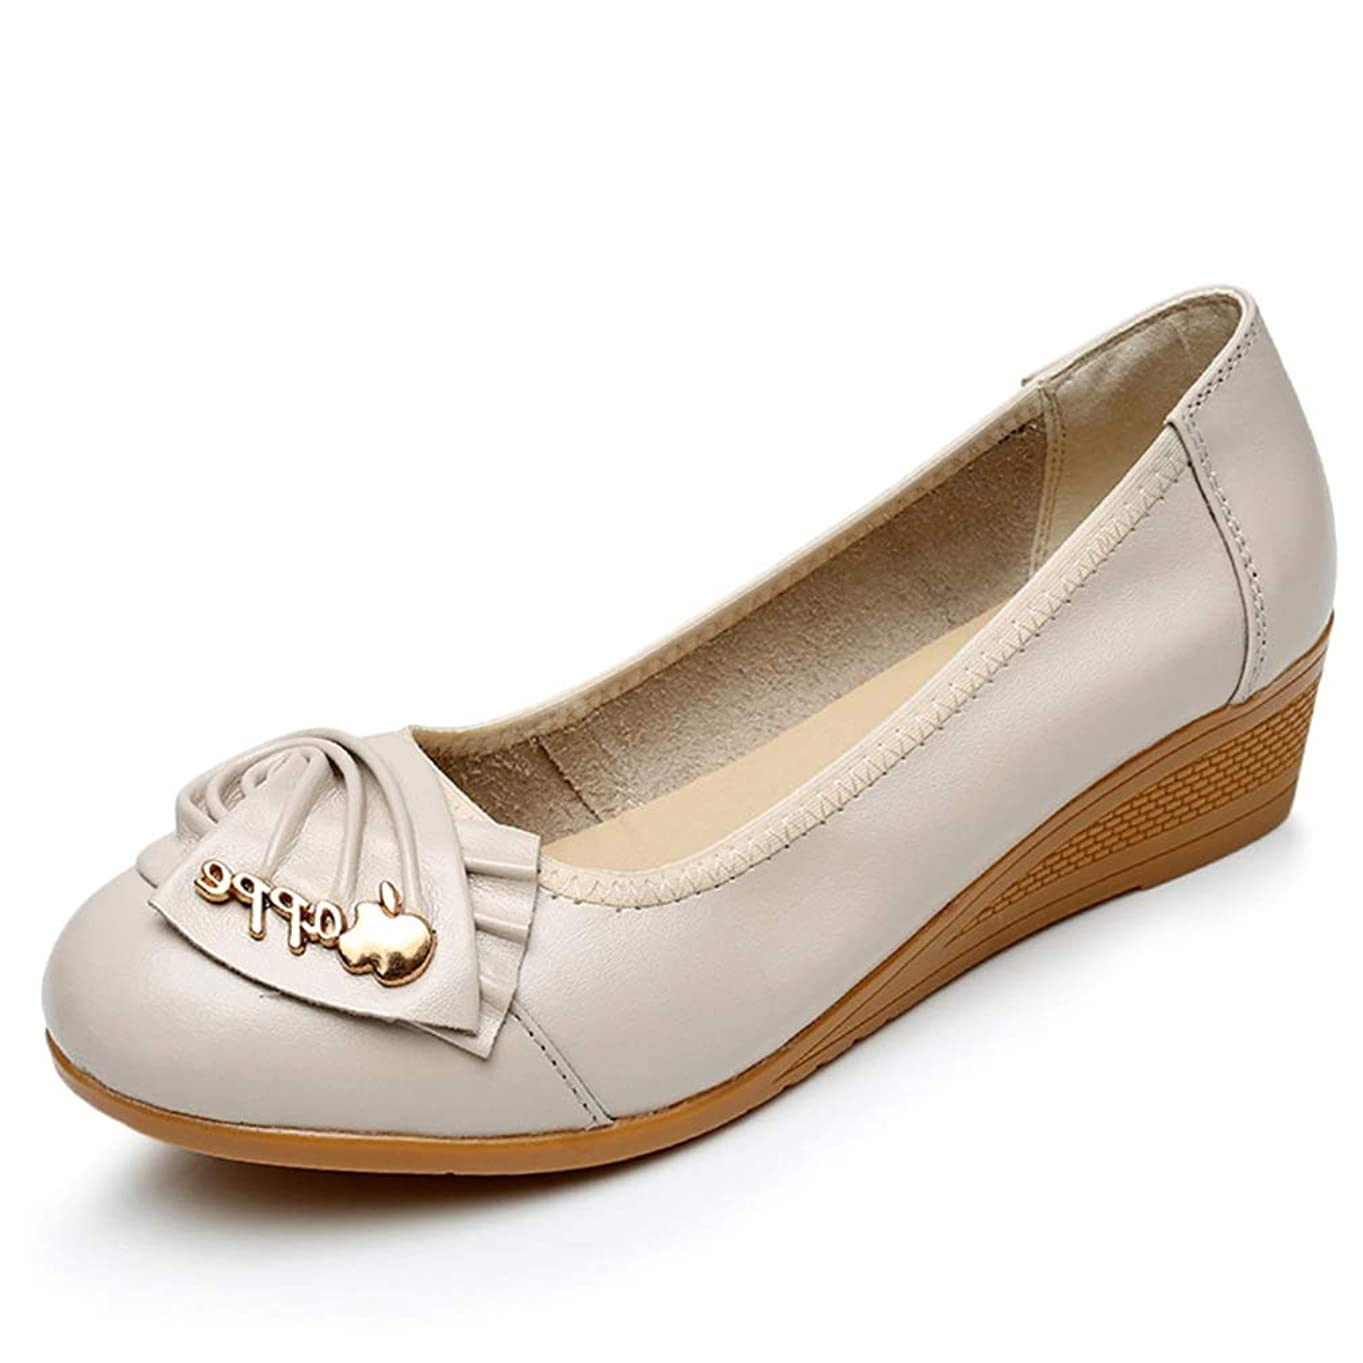 カウンターパート分割薄いバレエシューズ フラットシューズ やわらかい レディース 靴 パンプス 痛くない 脱げない 歩きやすい ローヒール ウェッジソール コンフォートシューズ 低反発 小さいサイズ 大きいサイズ 3.5cm ヒール